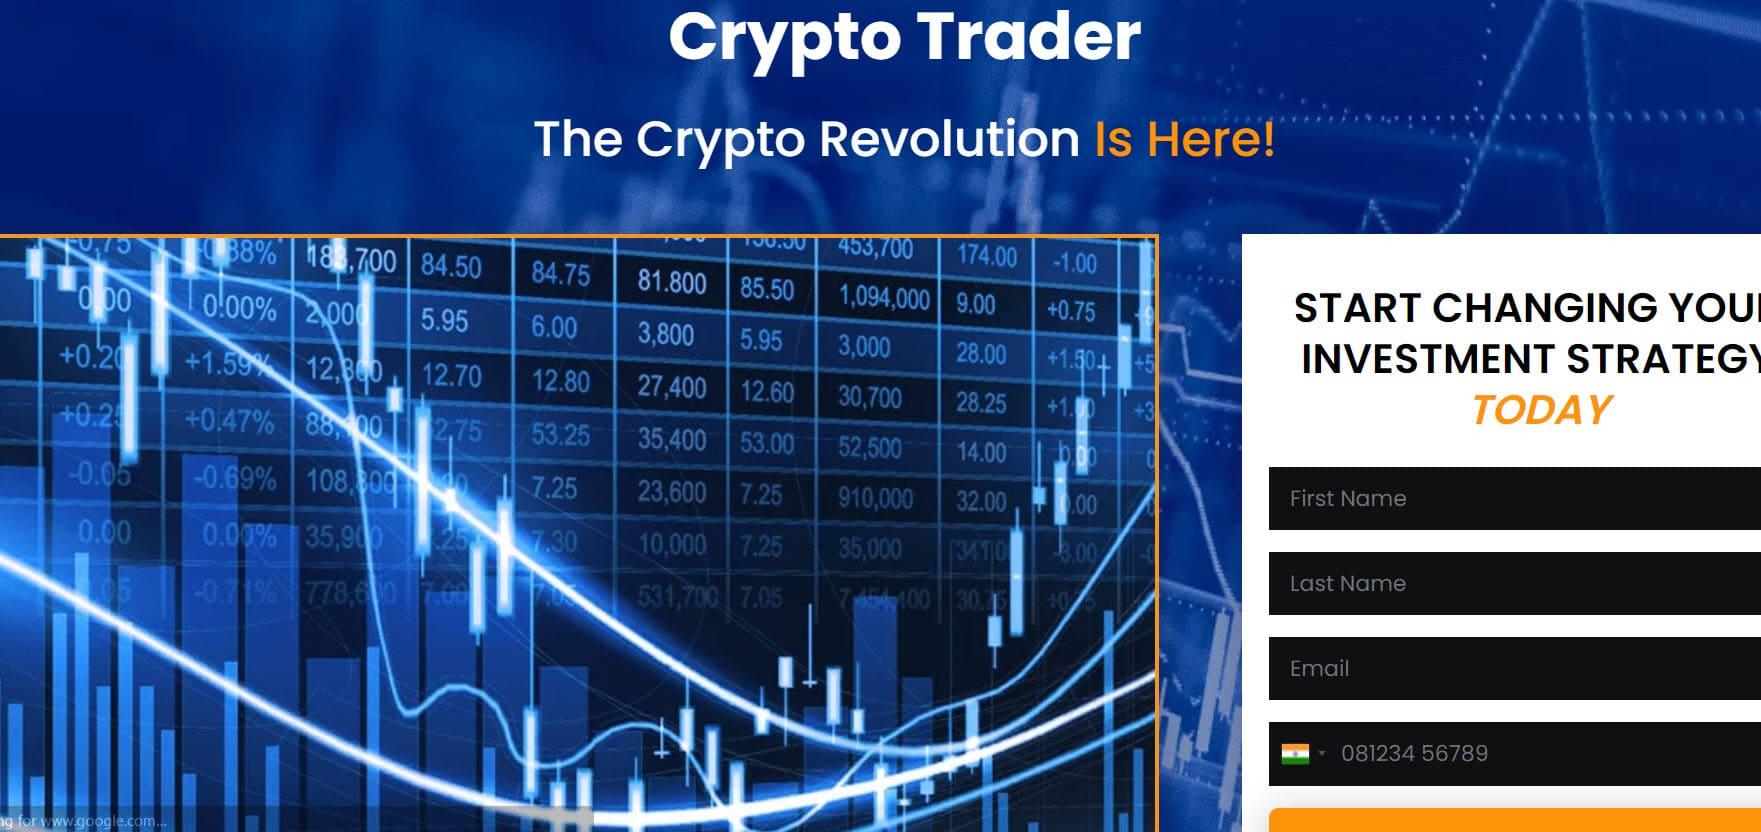 Attenzione! Crypto Trader - truffa o funziona?